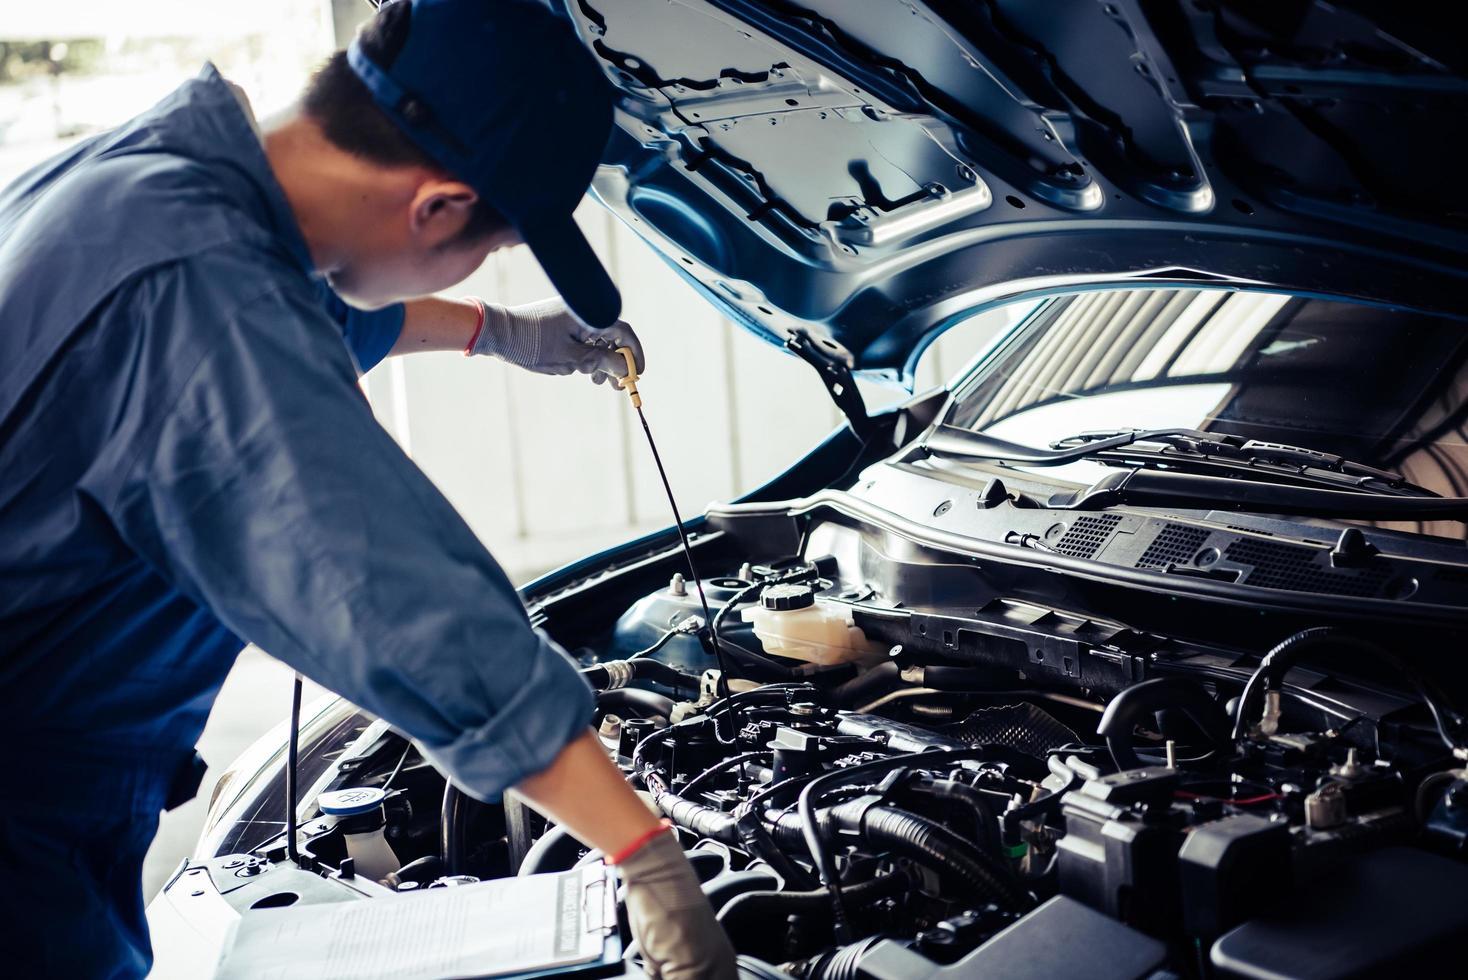 automonteur voert een inspectie uit op het voertuig foto